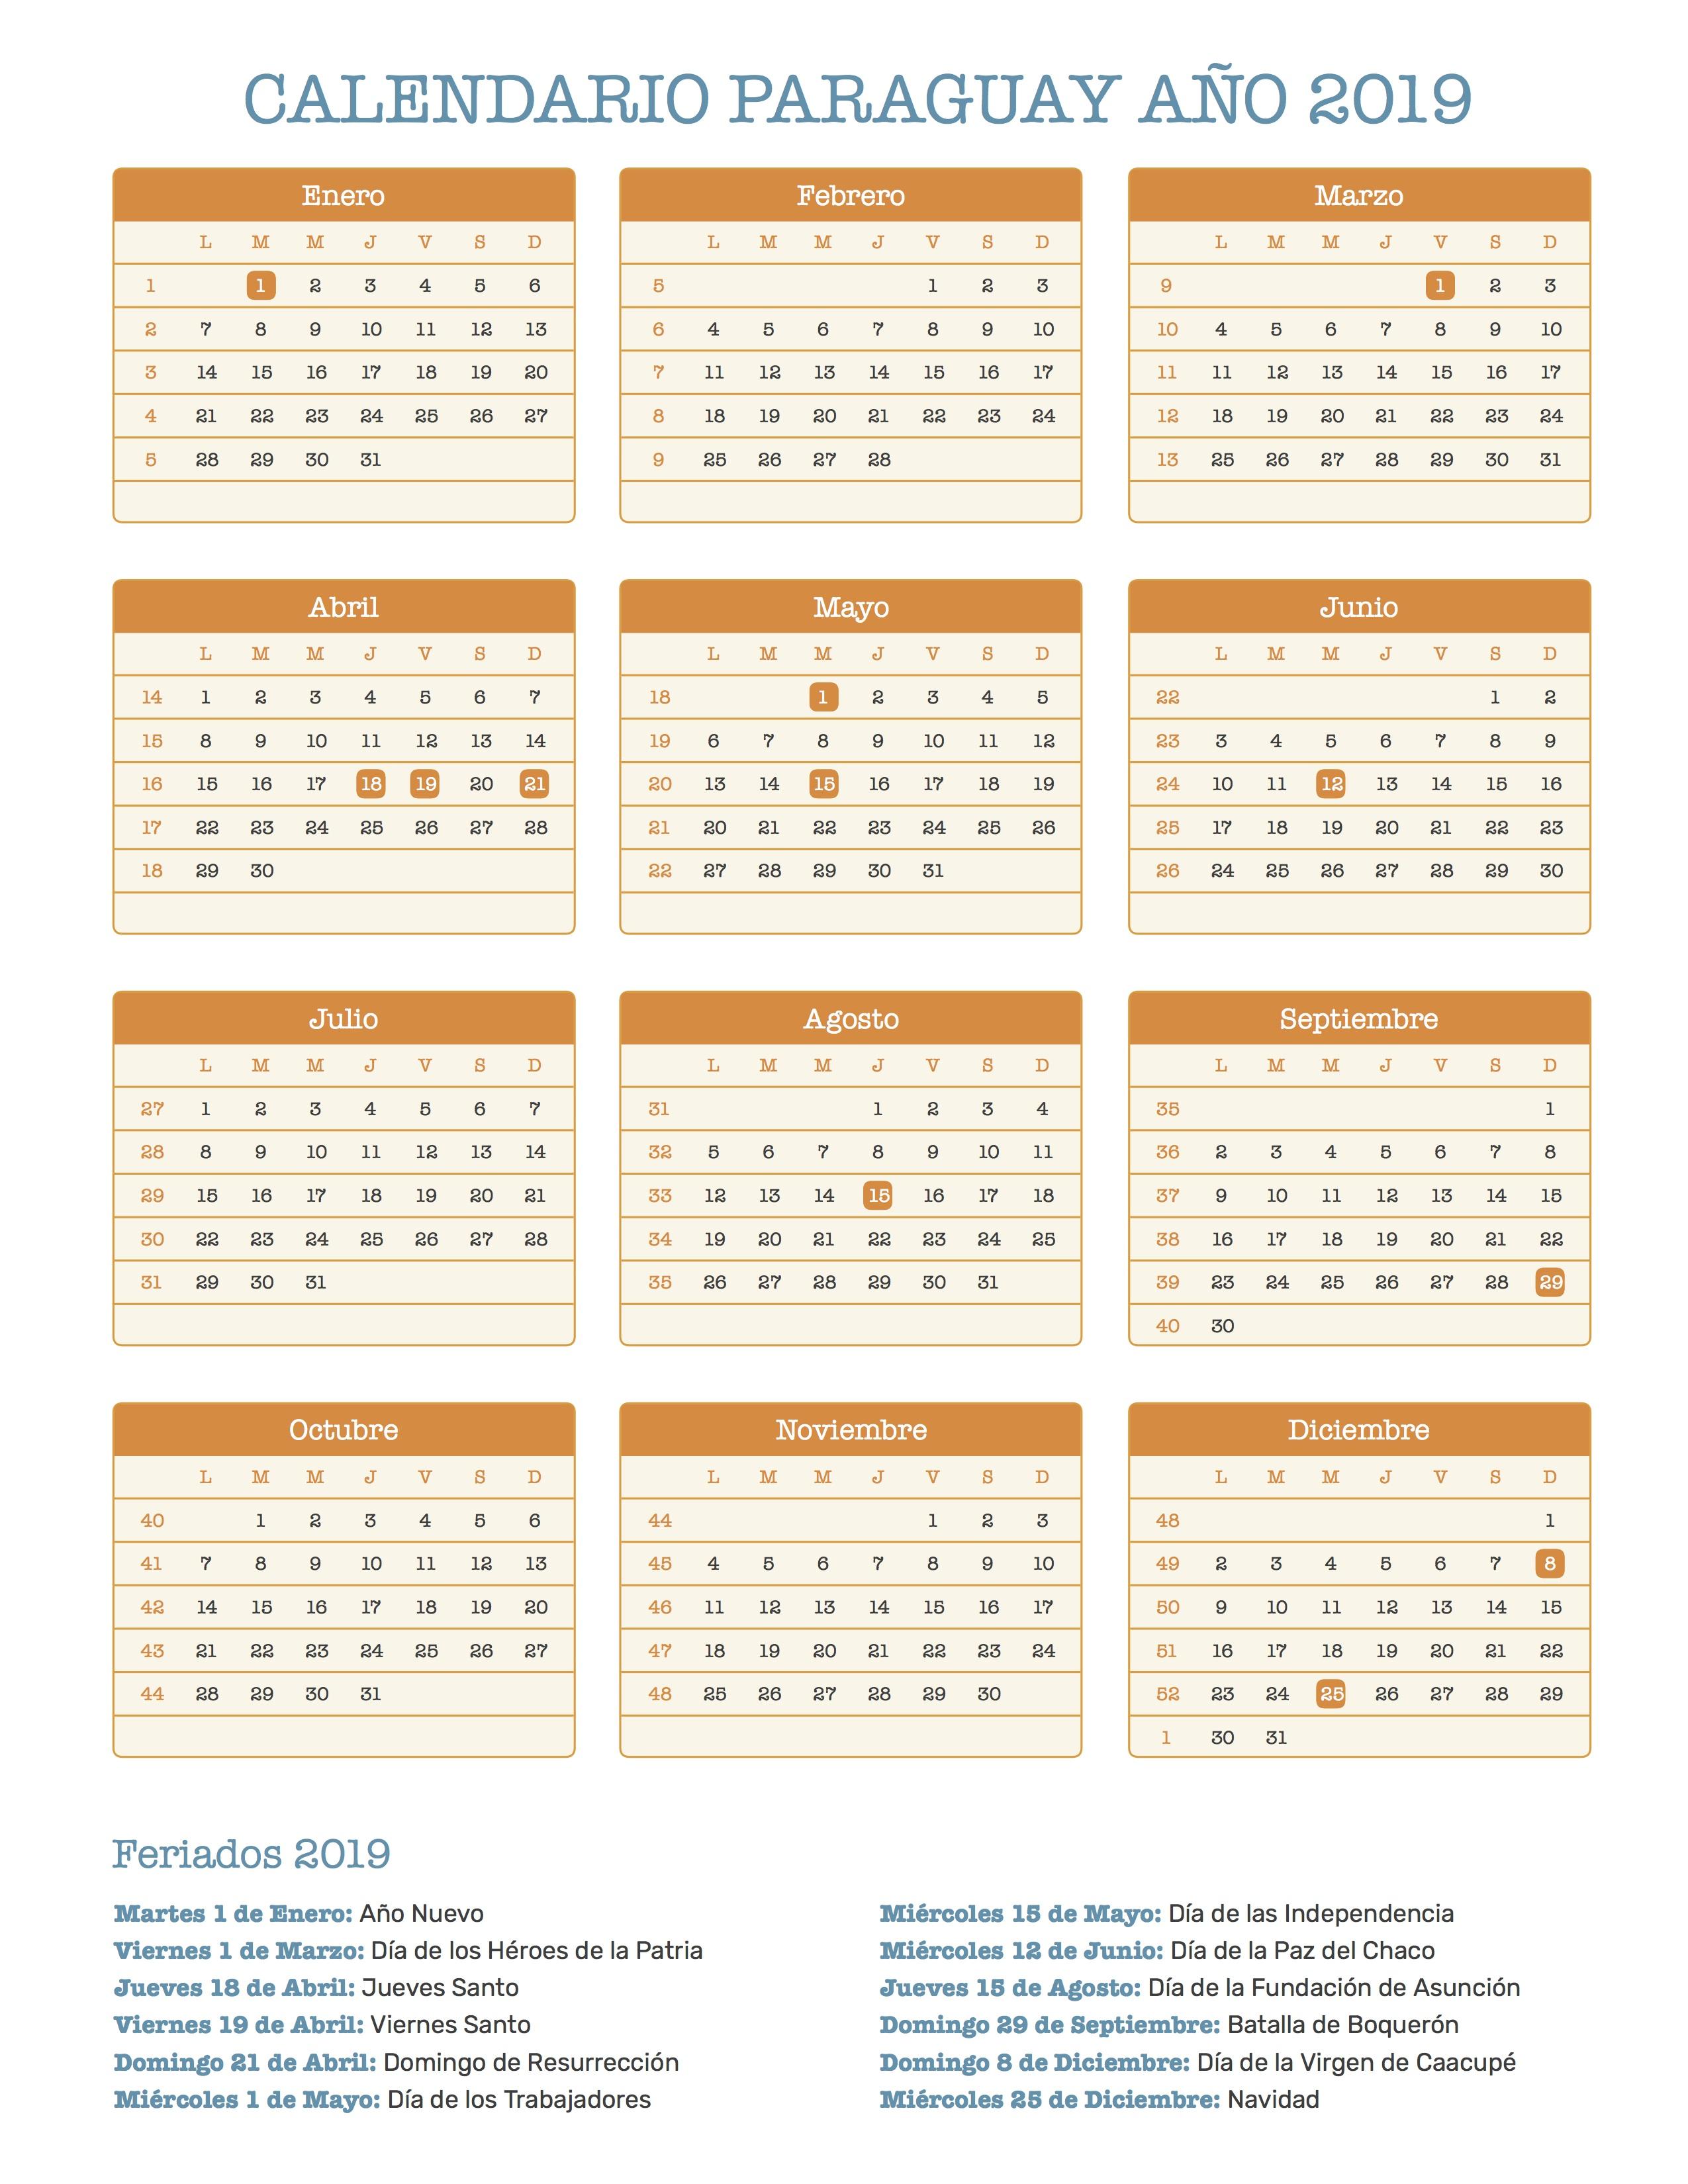 Calendarios 2015 A 2019